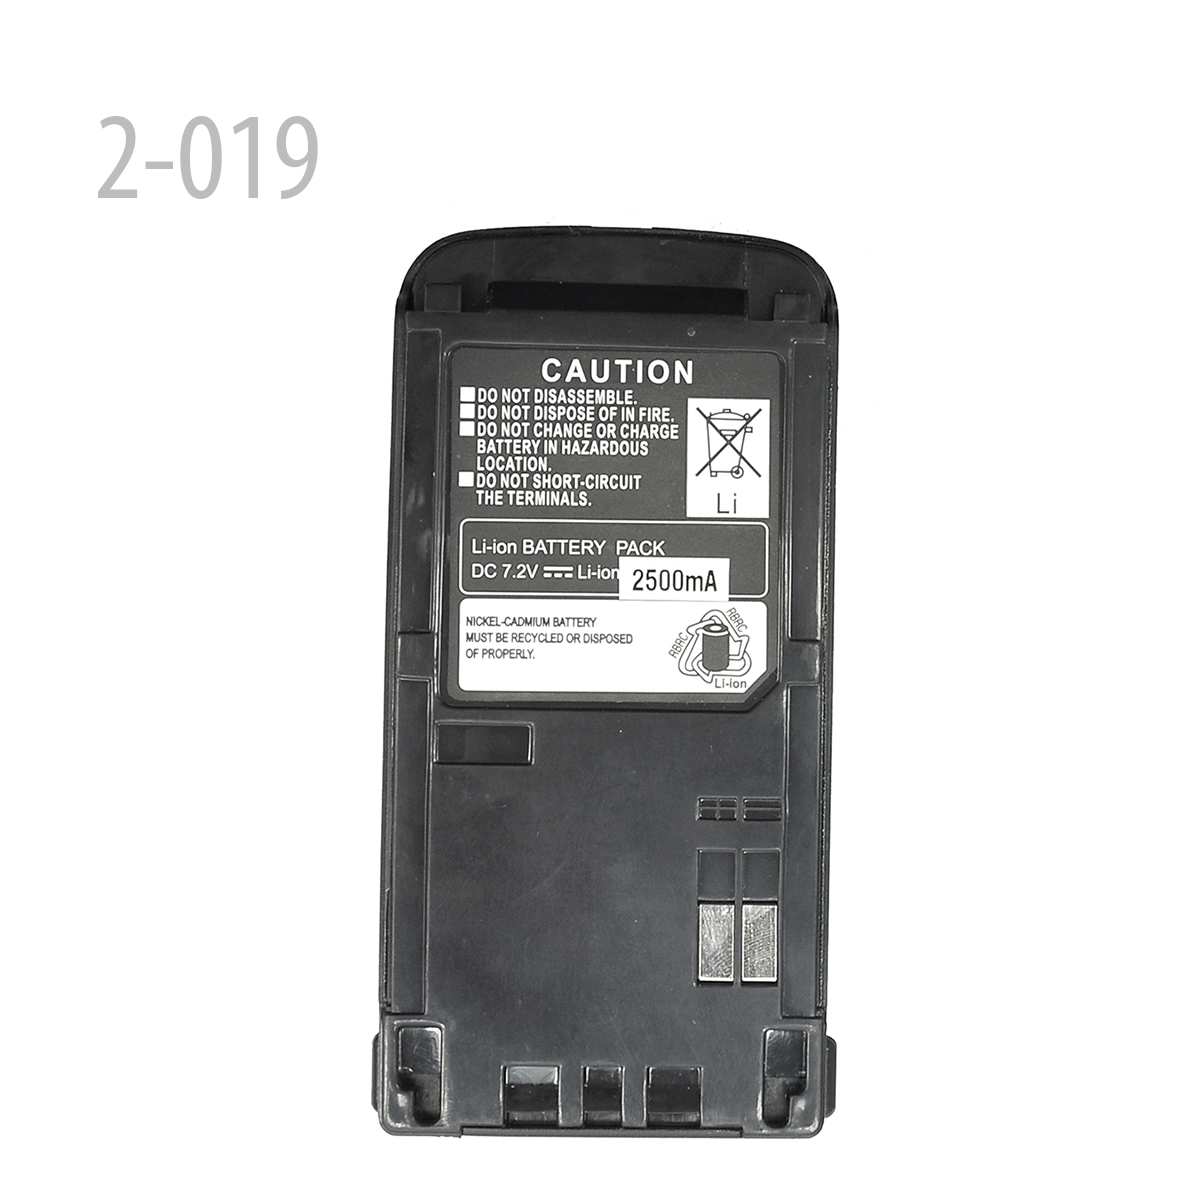 OEM 2500mAh Li-ion Battery for KenwoodTH-G71